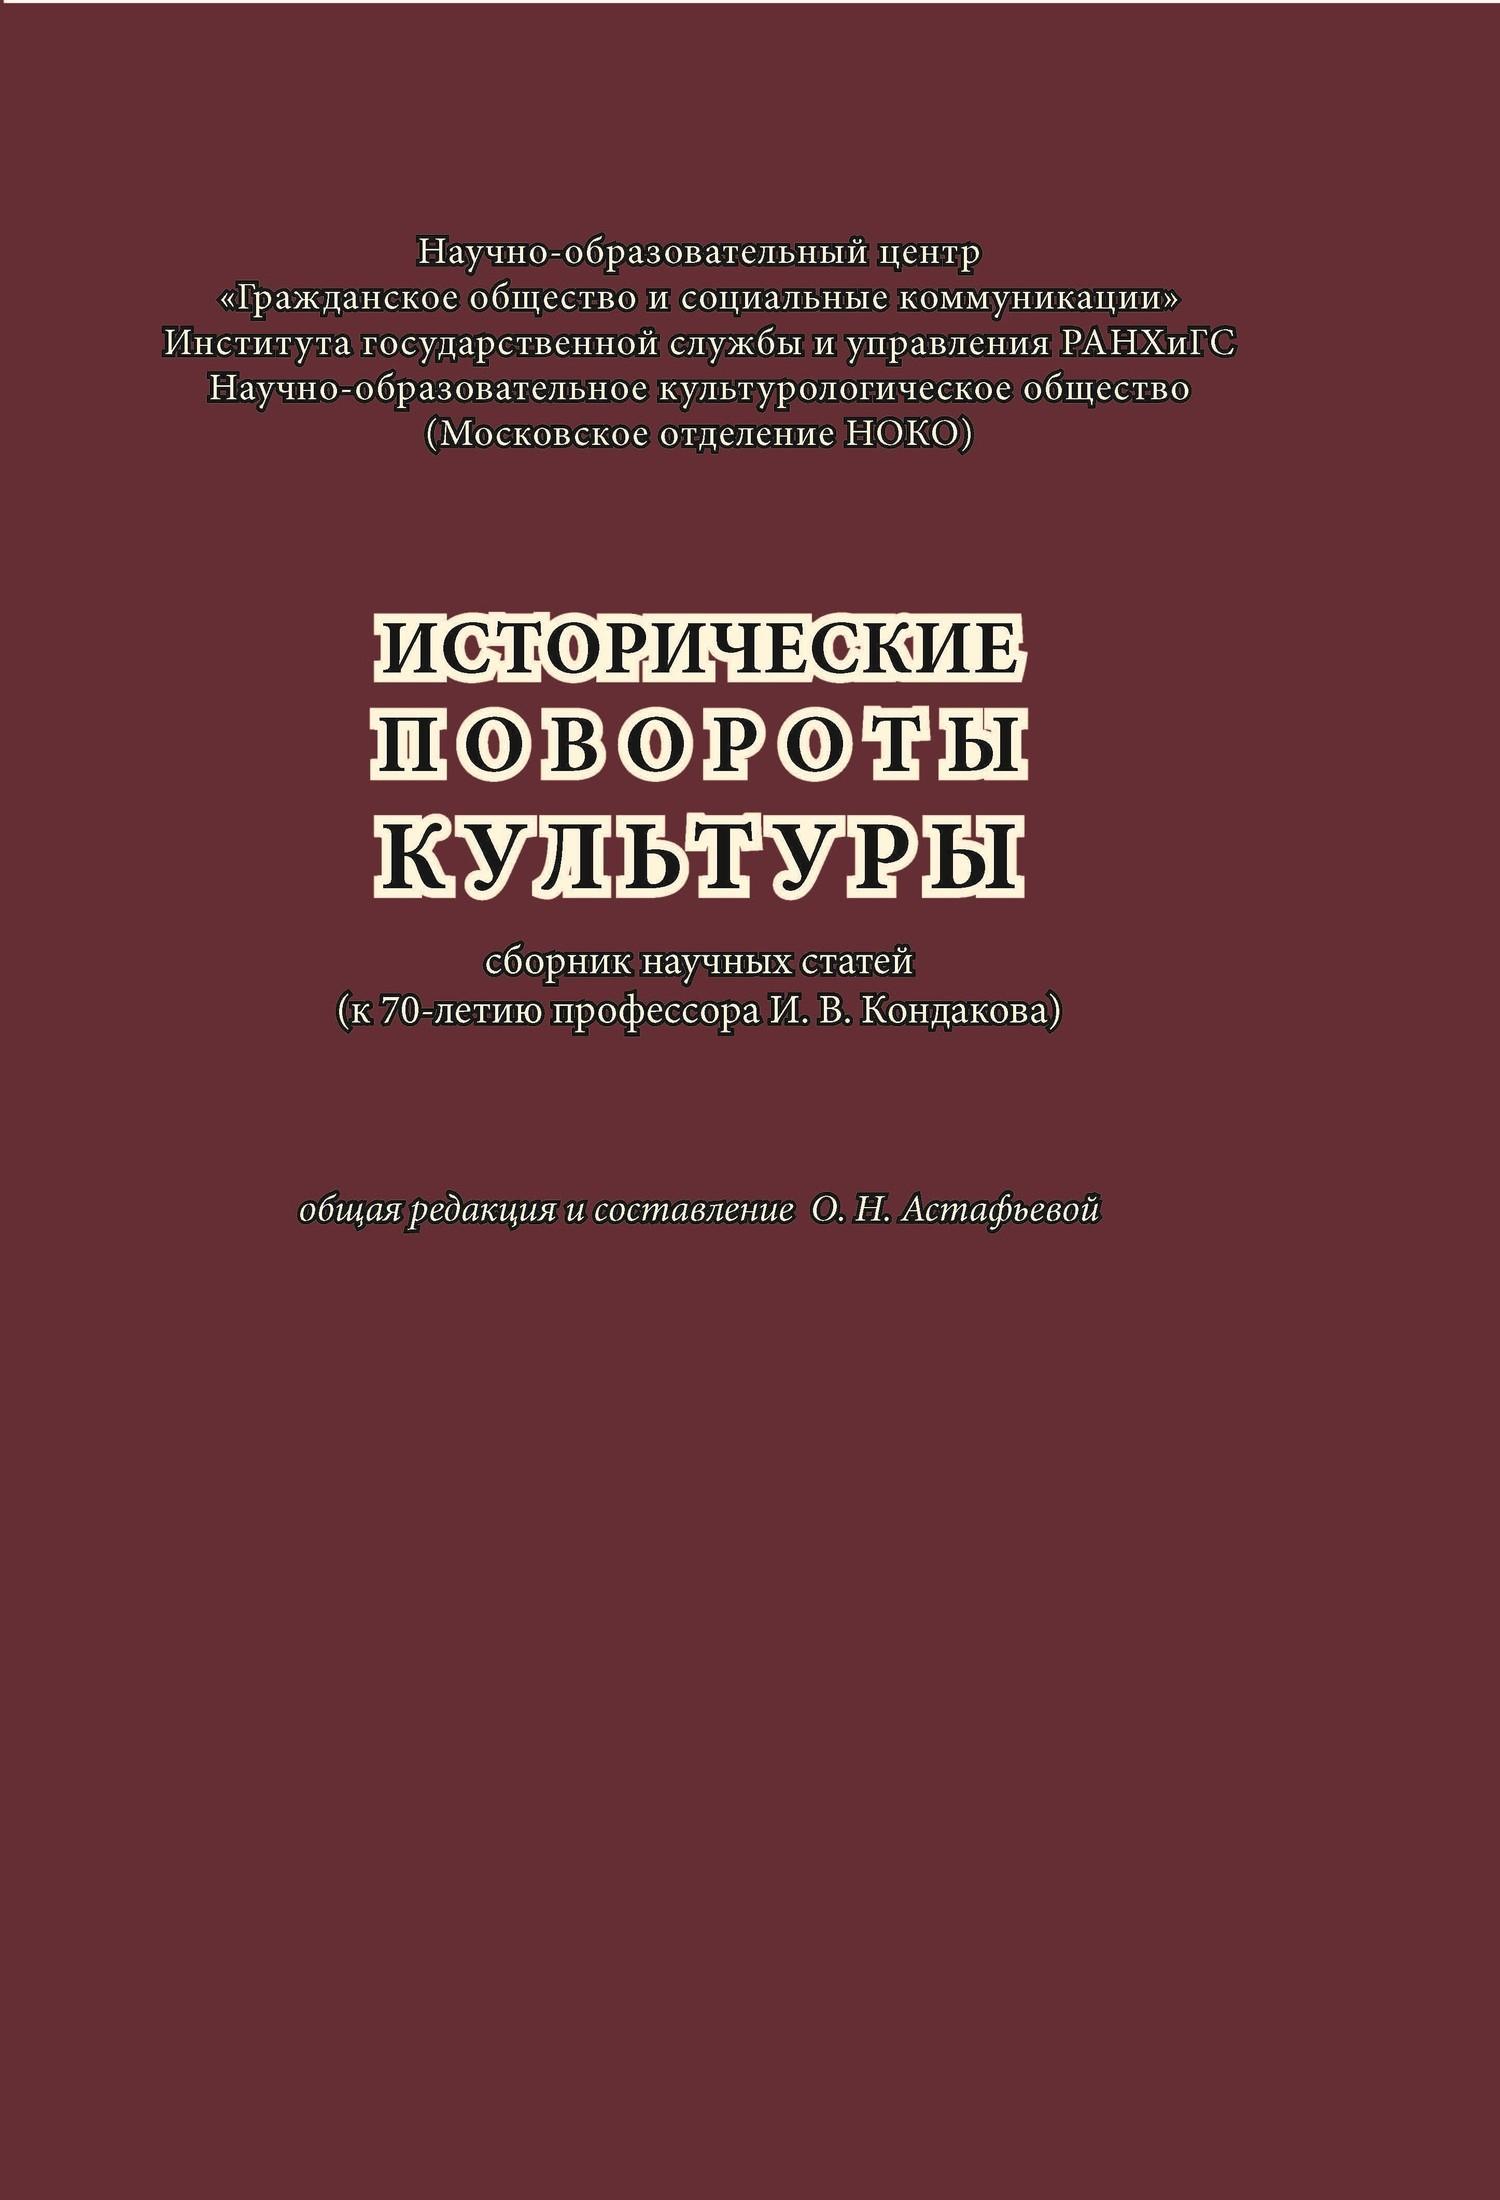 Исторические повороты культуры: сборник научных статей (к 70-летию профессора И. В. Кондакова)